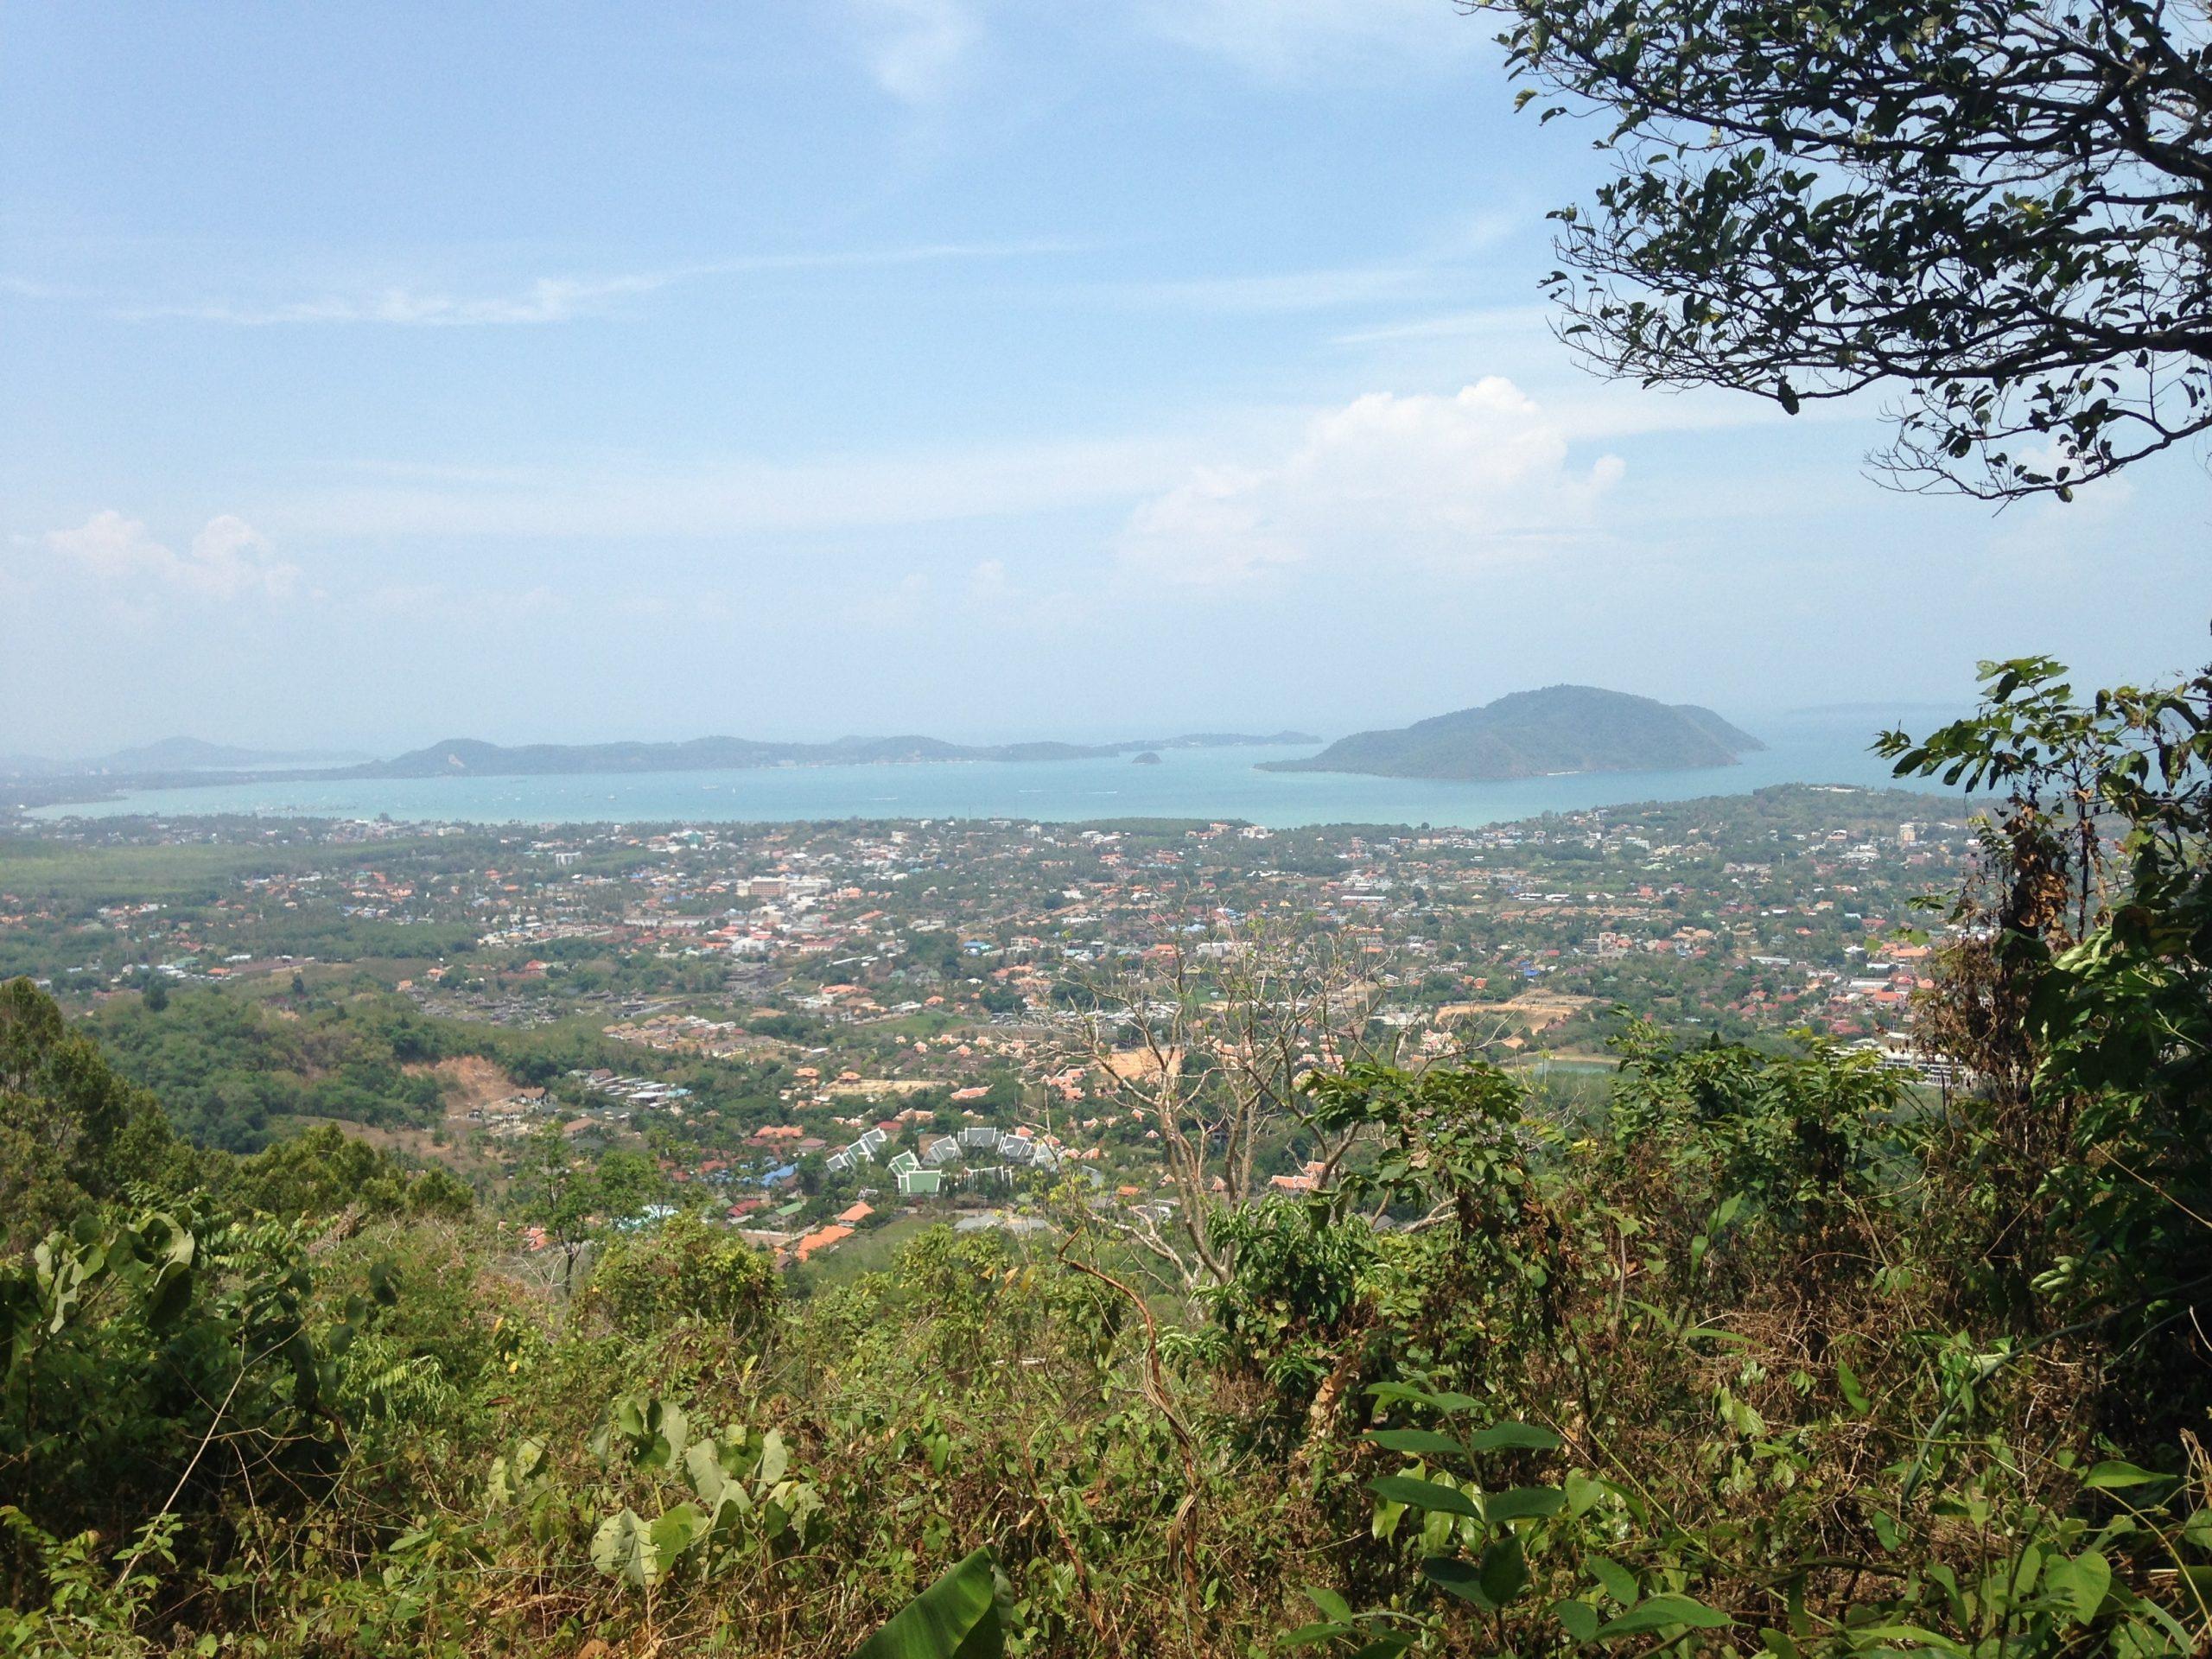 Vue sur la province de Phuket